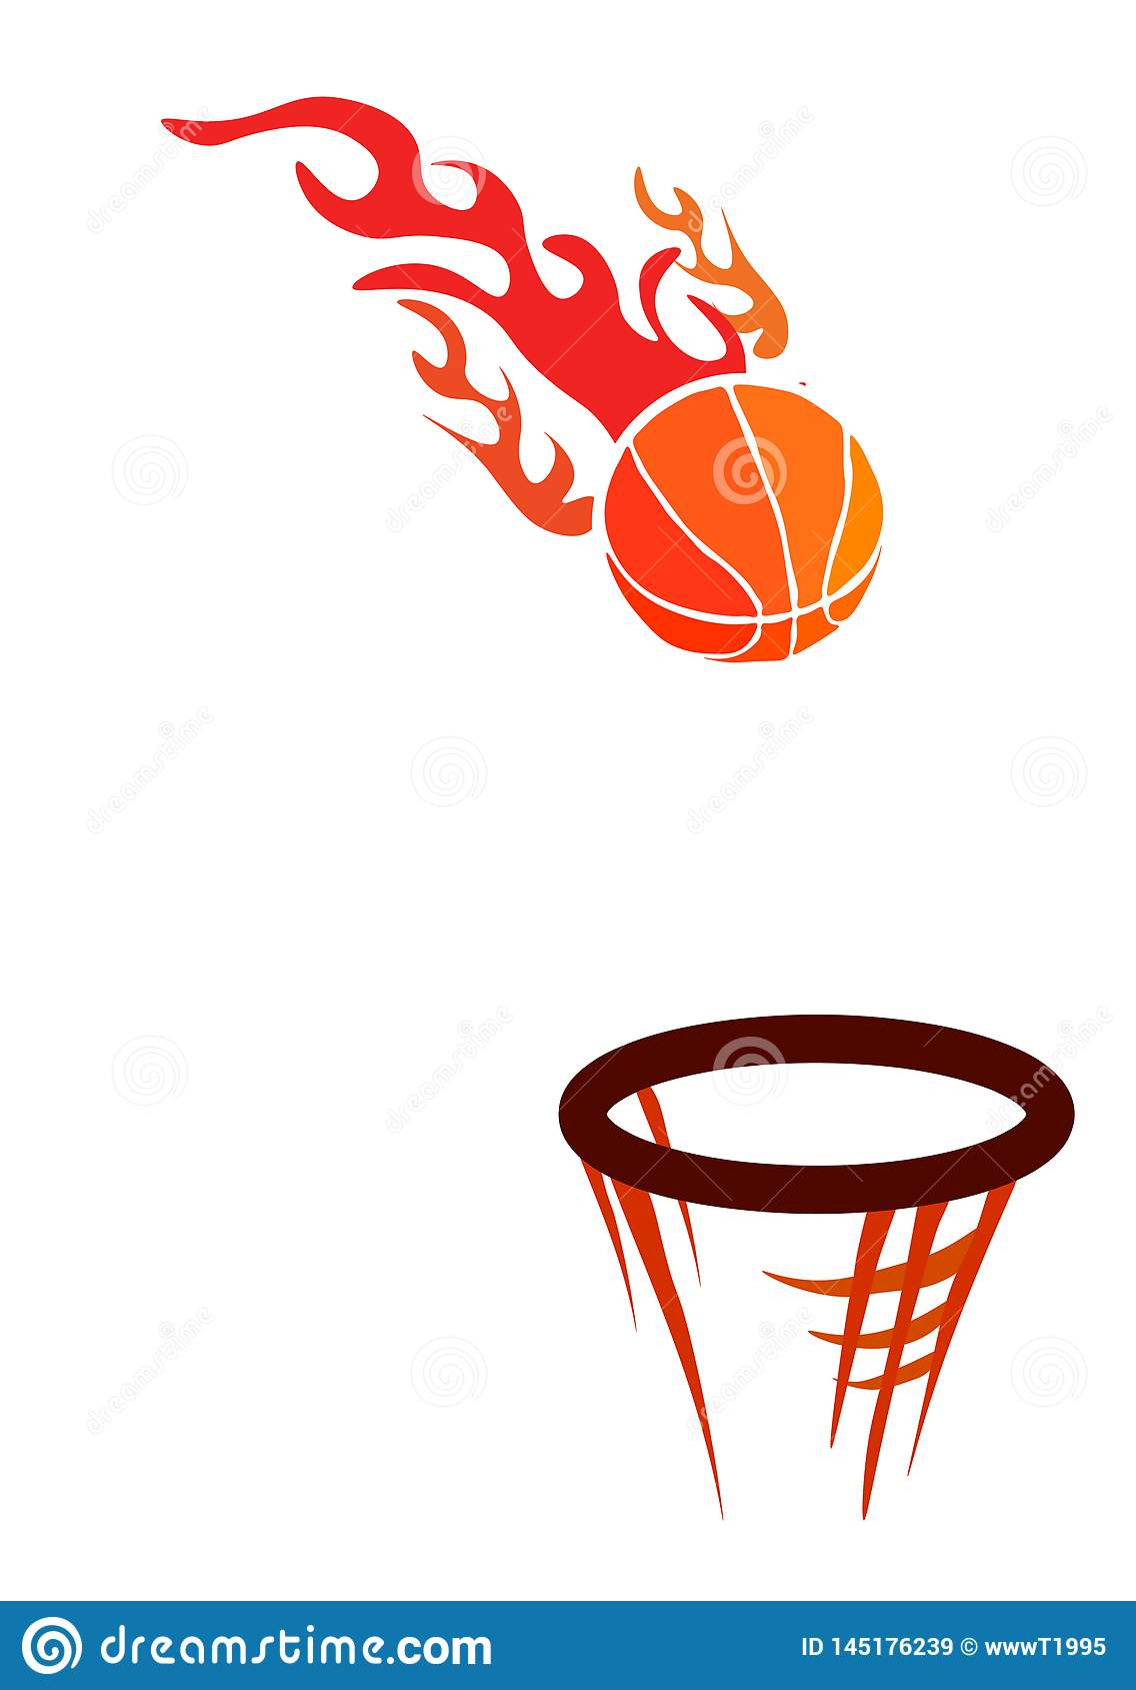 O Διανυσματικό λογότυπο για μια λέσχη καλαθοσφαίρισης, που αποτελείται από μια πορτοκαλιά πυρκαγιάς σφαίρα καλαθοσφαίρισης φλογών